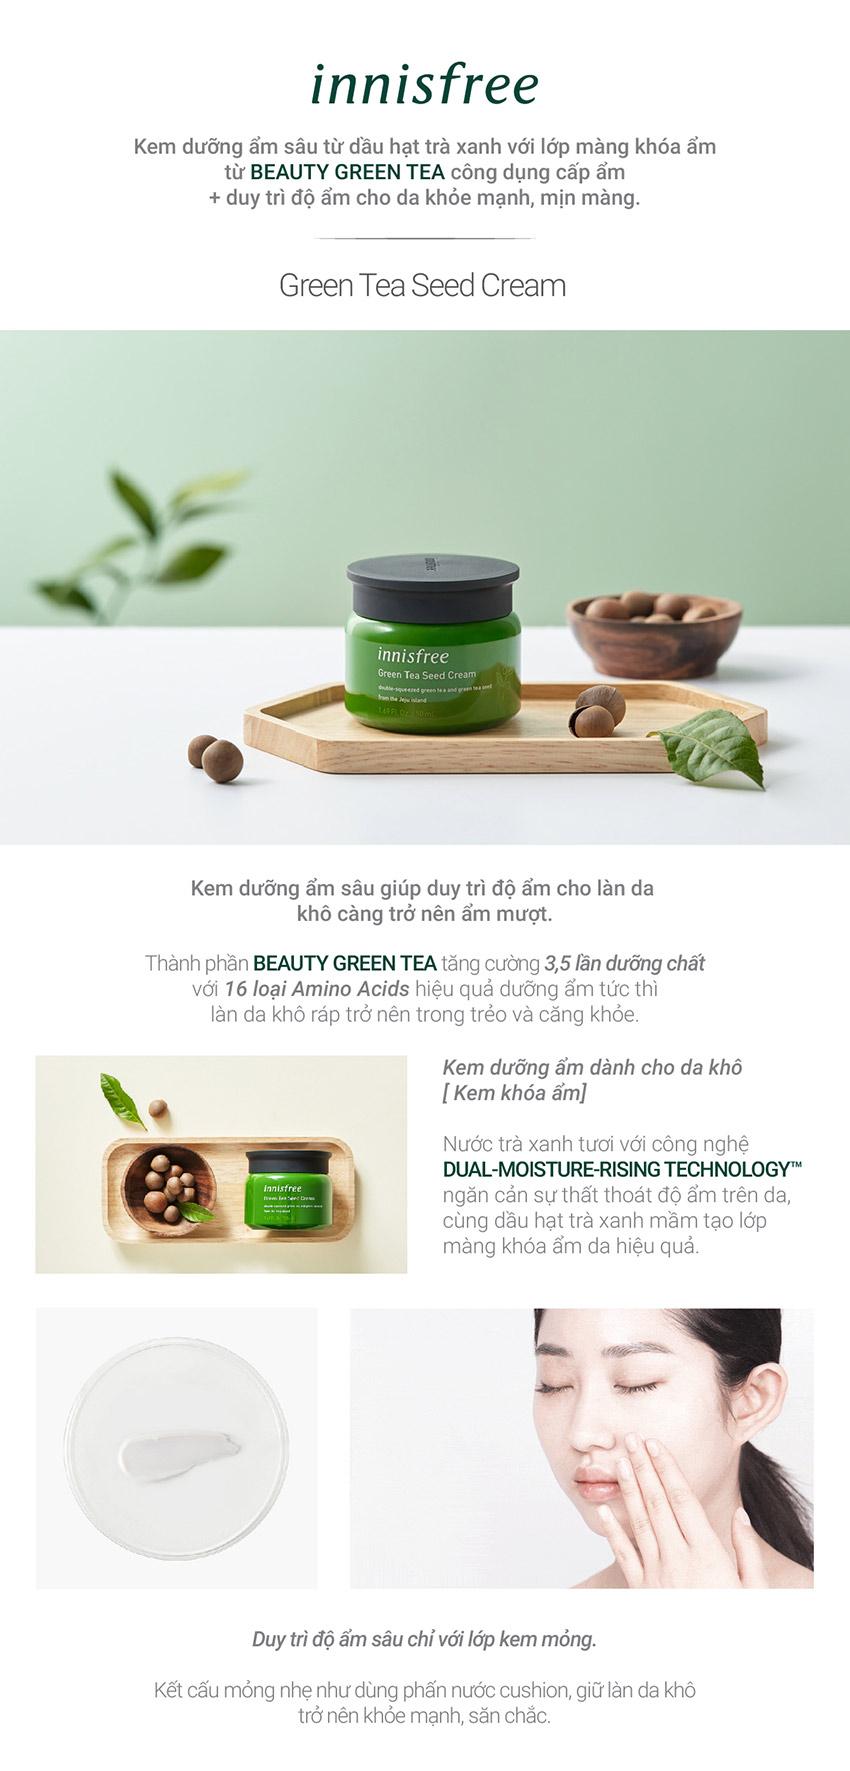 Kem dưỡng cung cấp ẩm từ trà xanh và dầu hạt trà xanh tươi Innisfree Green Tea Seed Cream 50ml - NEW